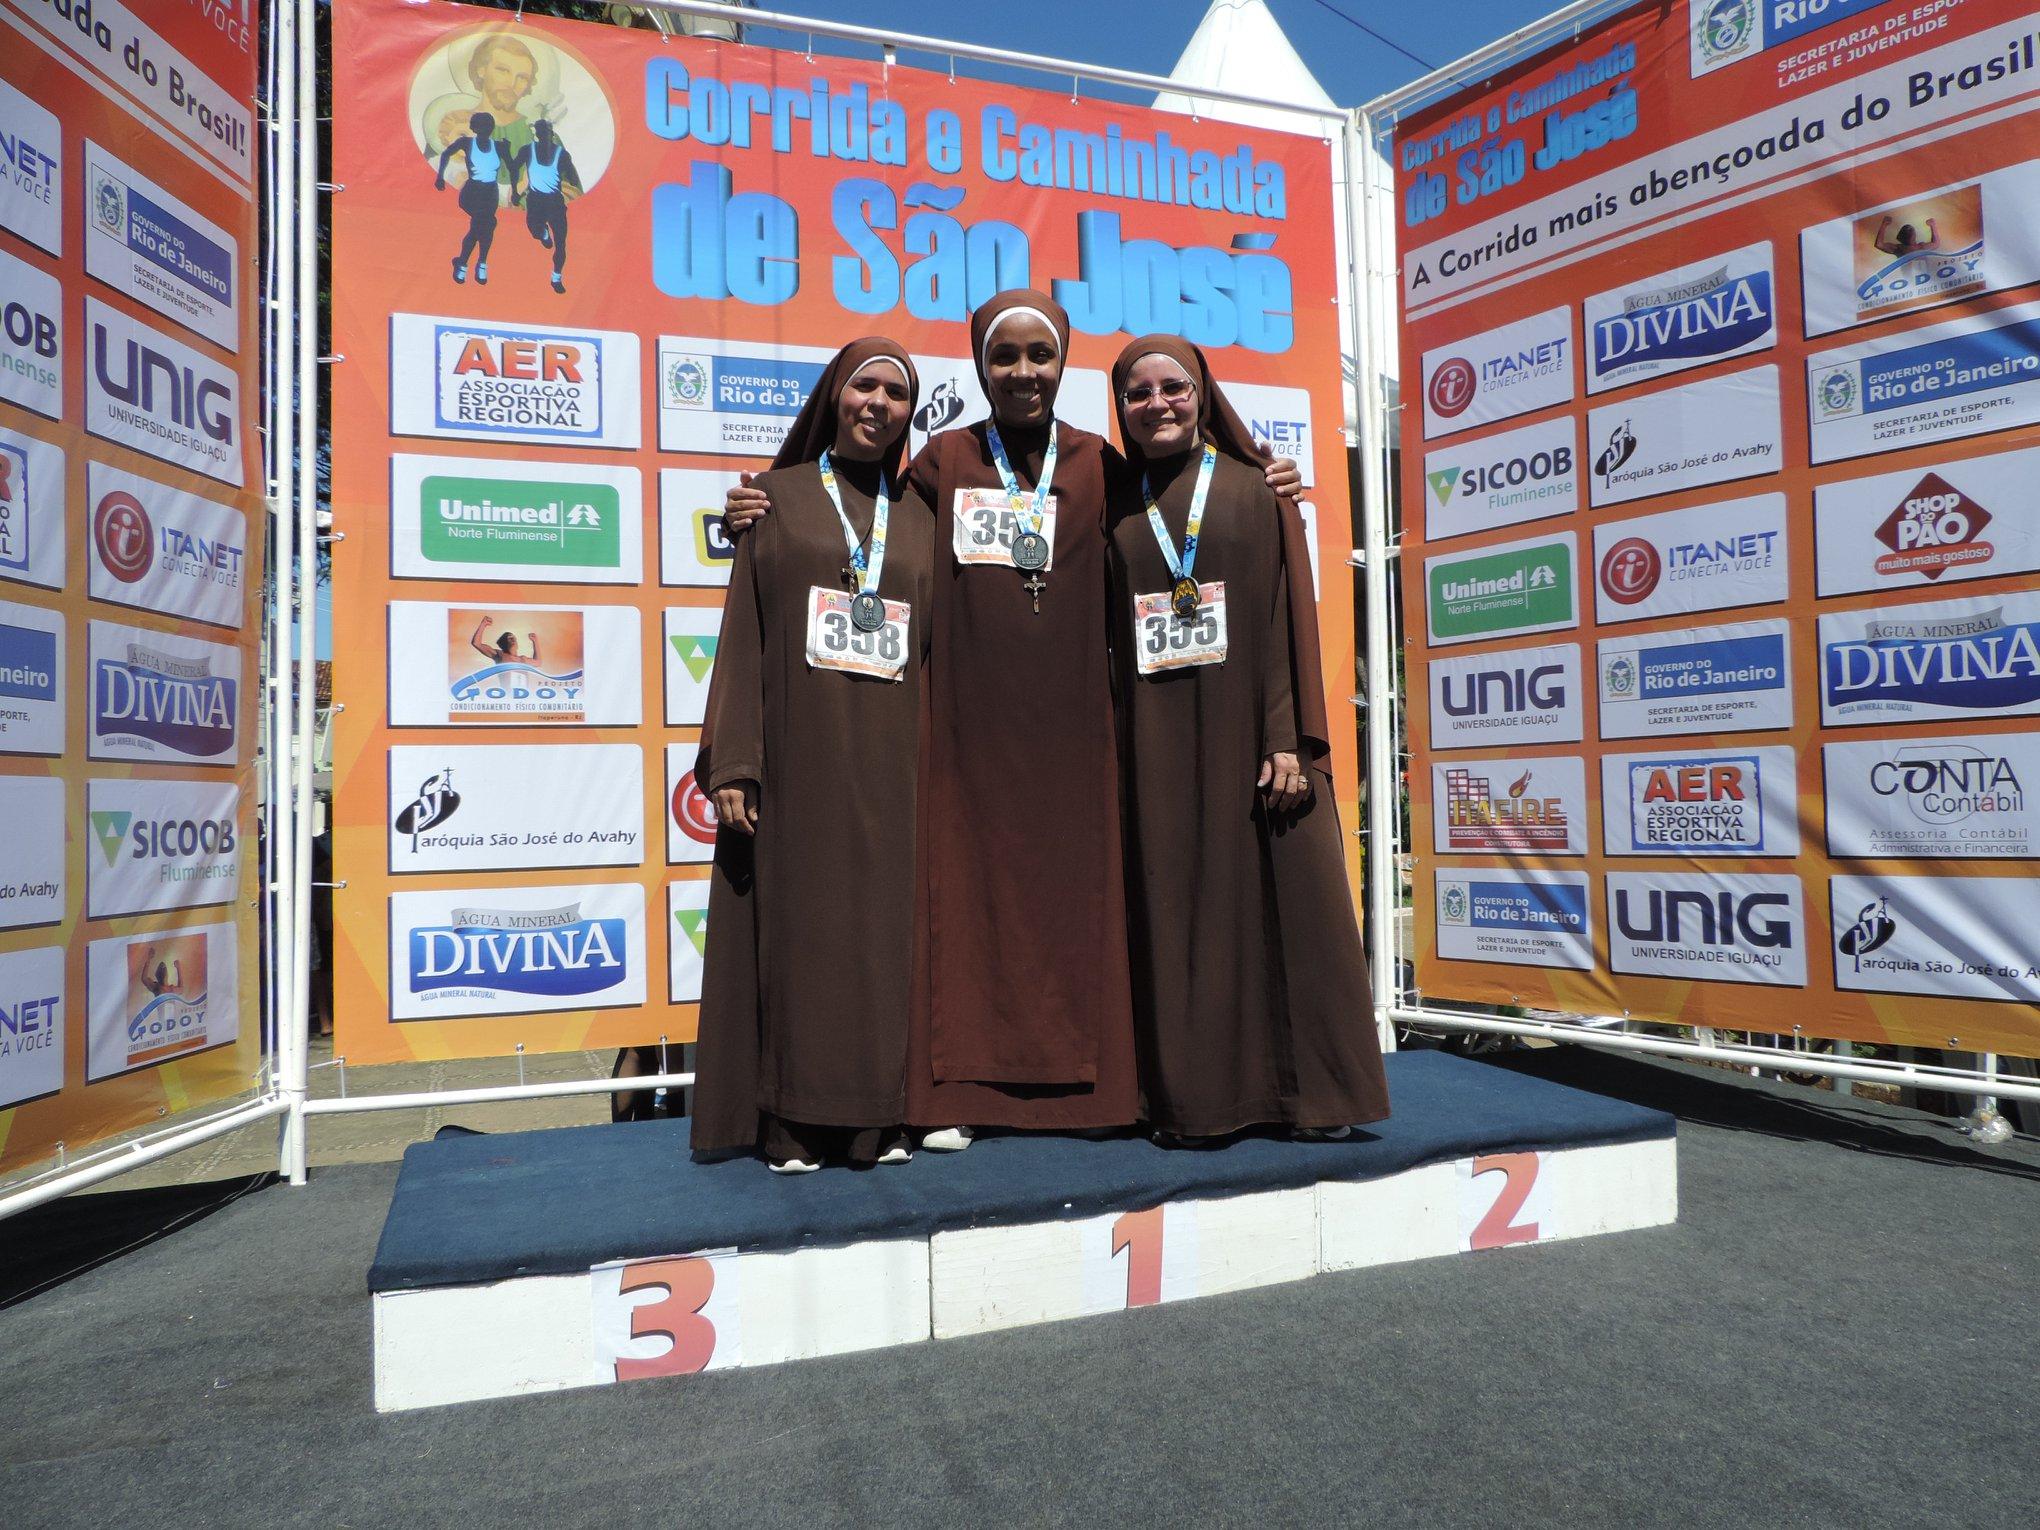 Antes mesmo do Vaticano, padres e freiras de Itaperuna se destacam no atletismo